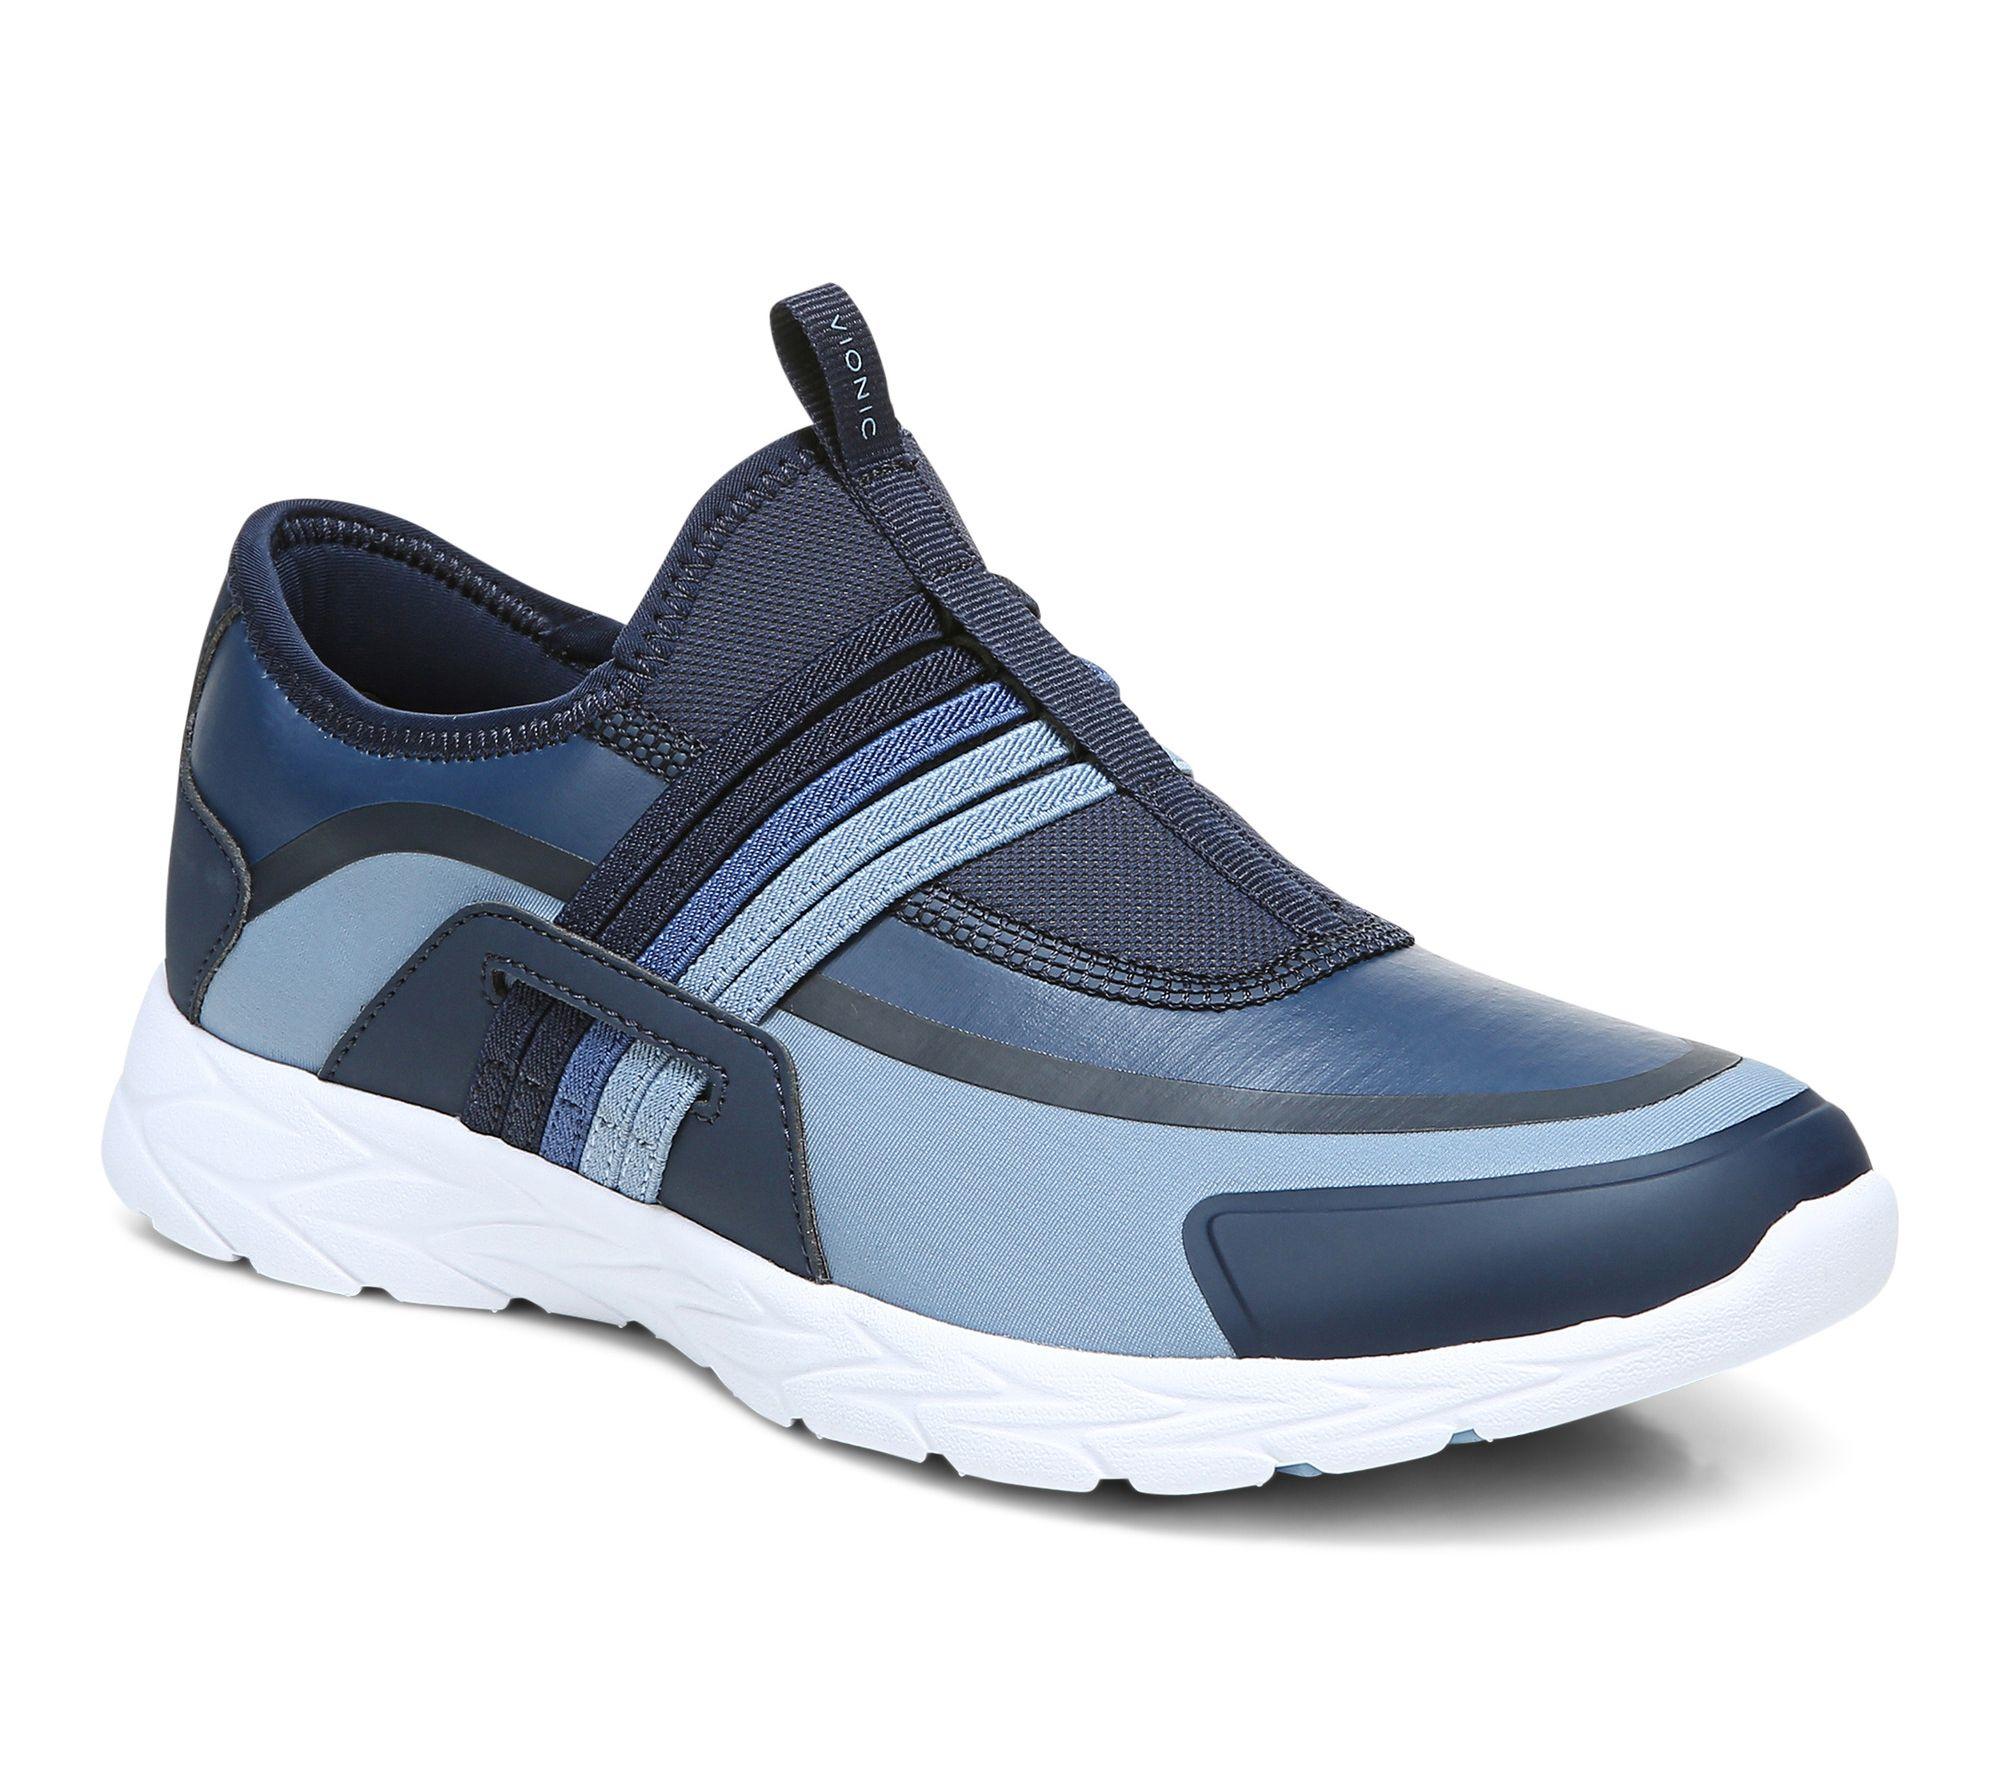 Vionic Mesh Slip-On Sneakers - Vayda